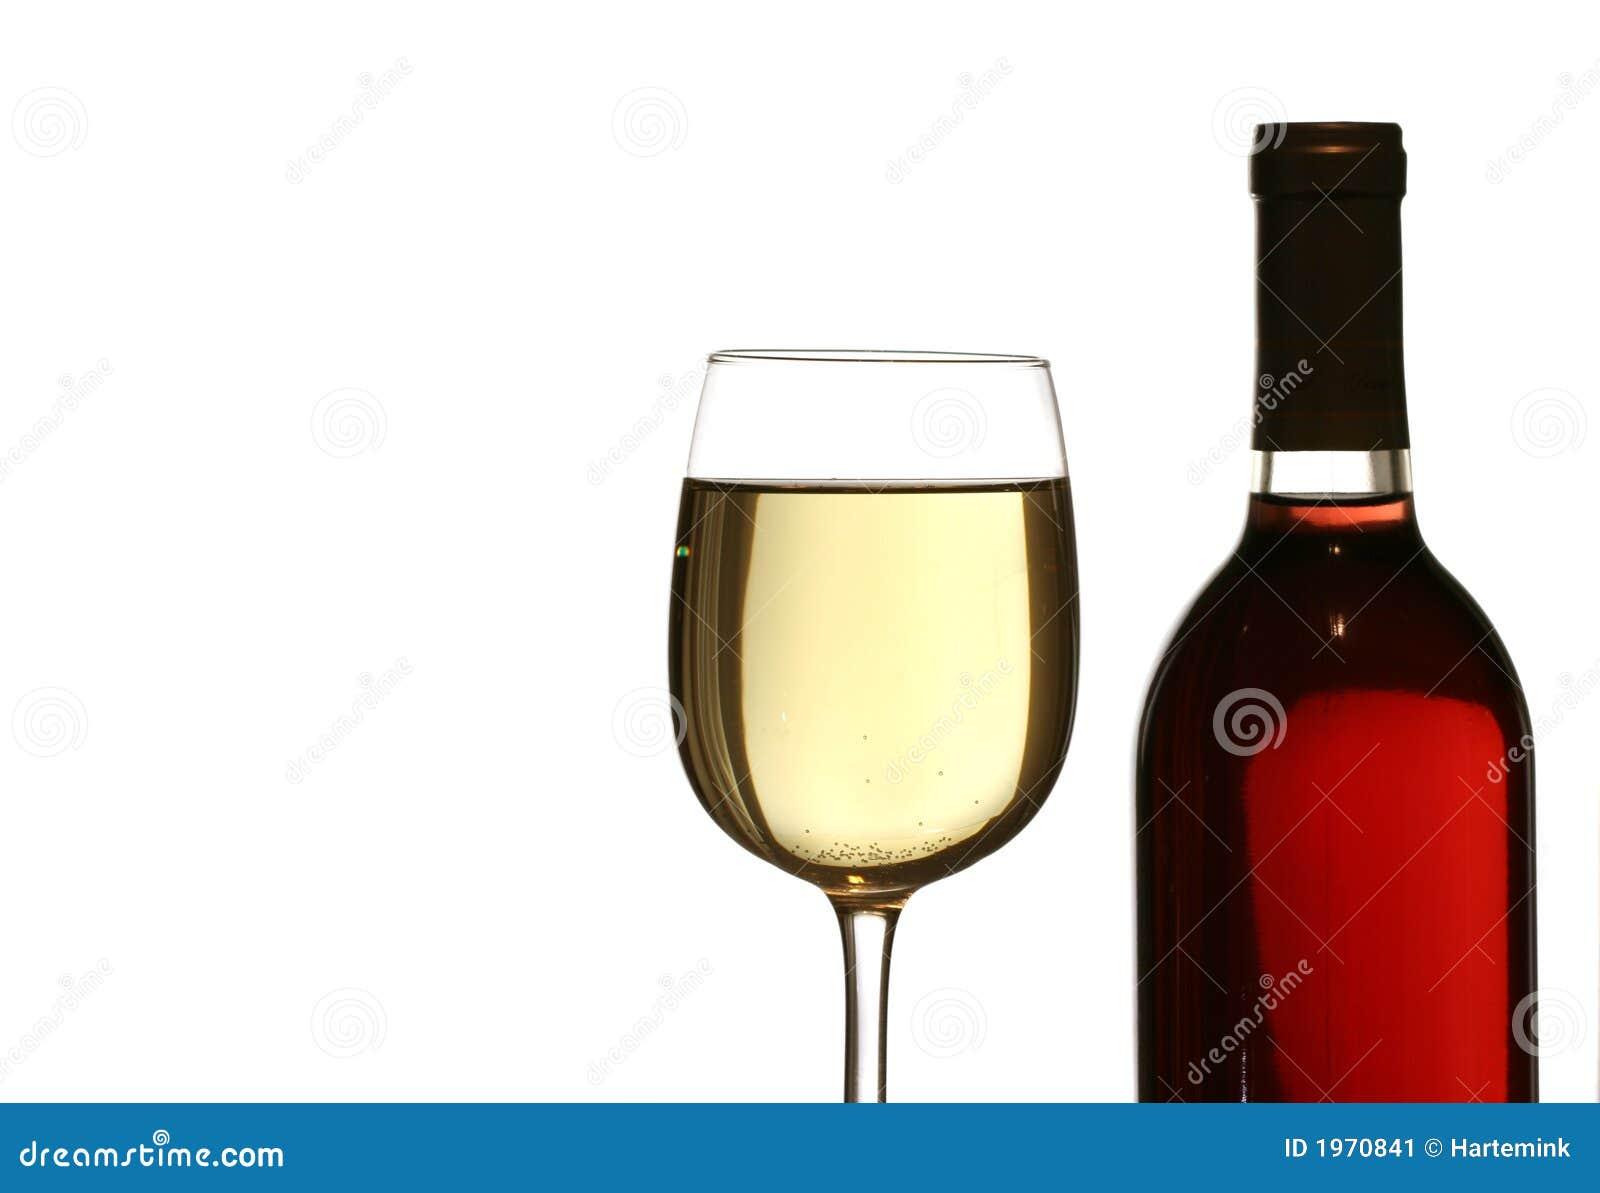 Vidrio de vino blanco con la botella de vino rojo imagen - Botelleros de vino ...